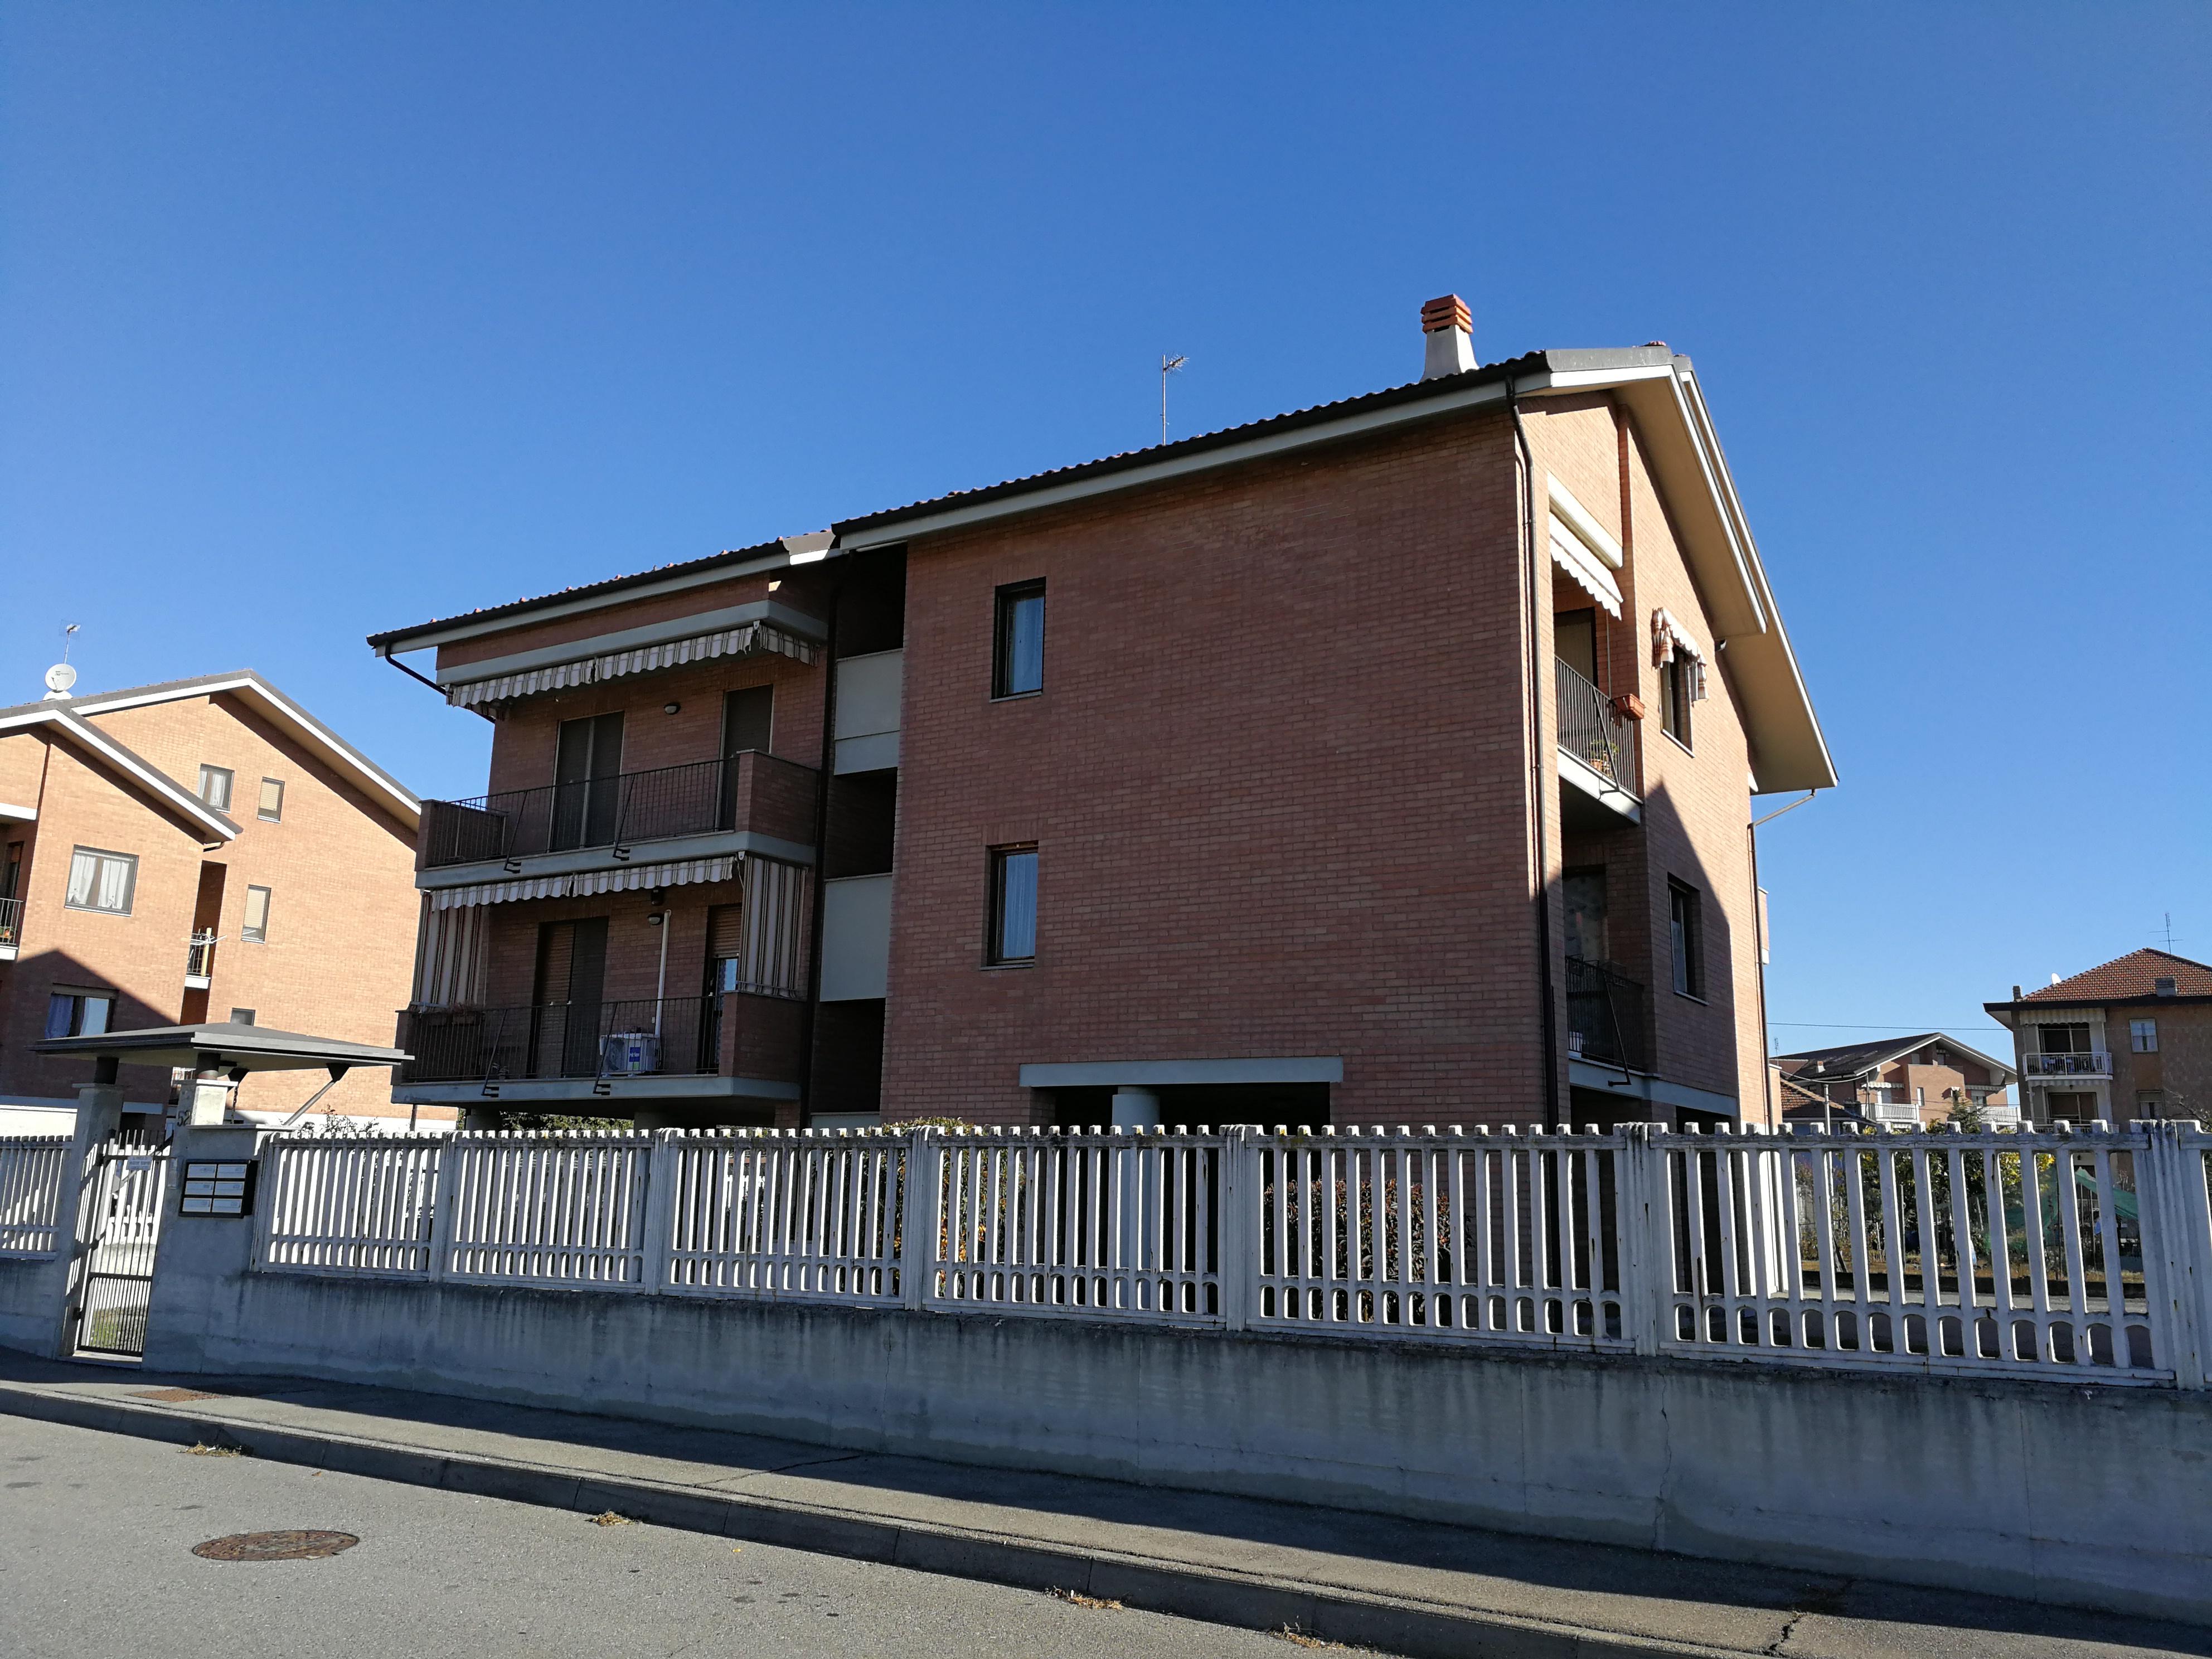 Caselle T.se. Recente e ampio alloggio con sottotetto € 199.000